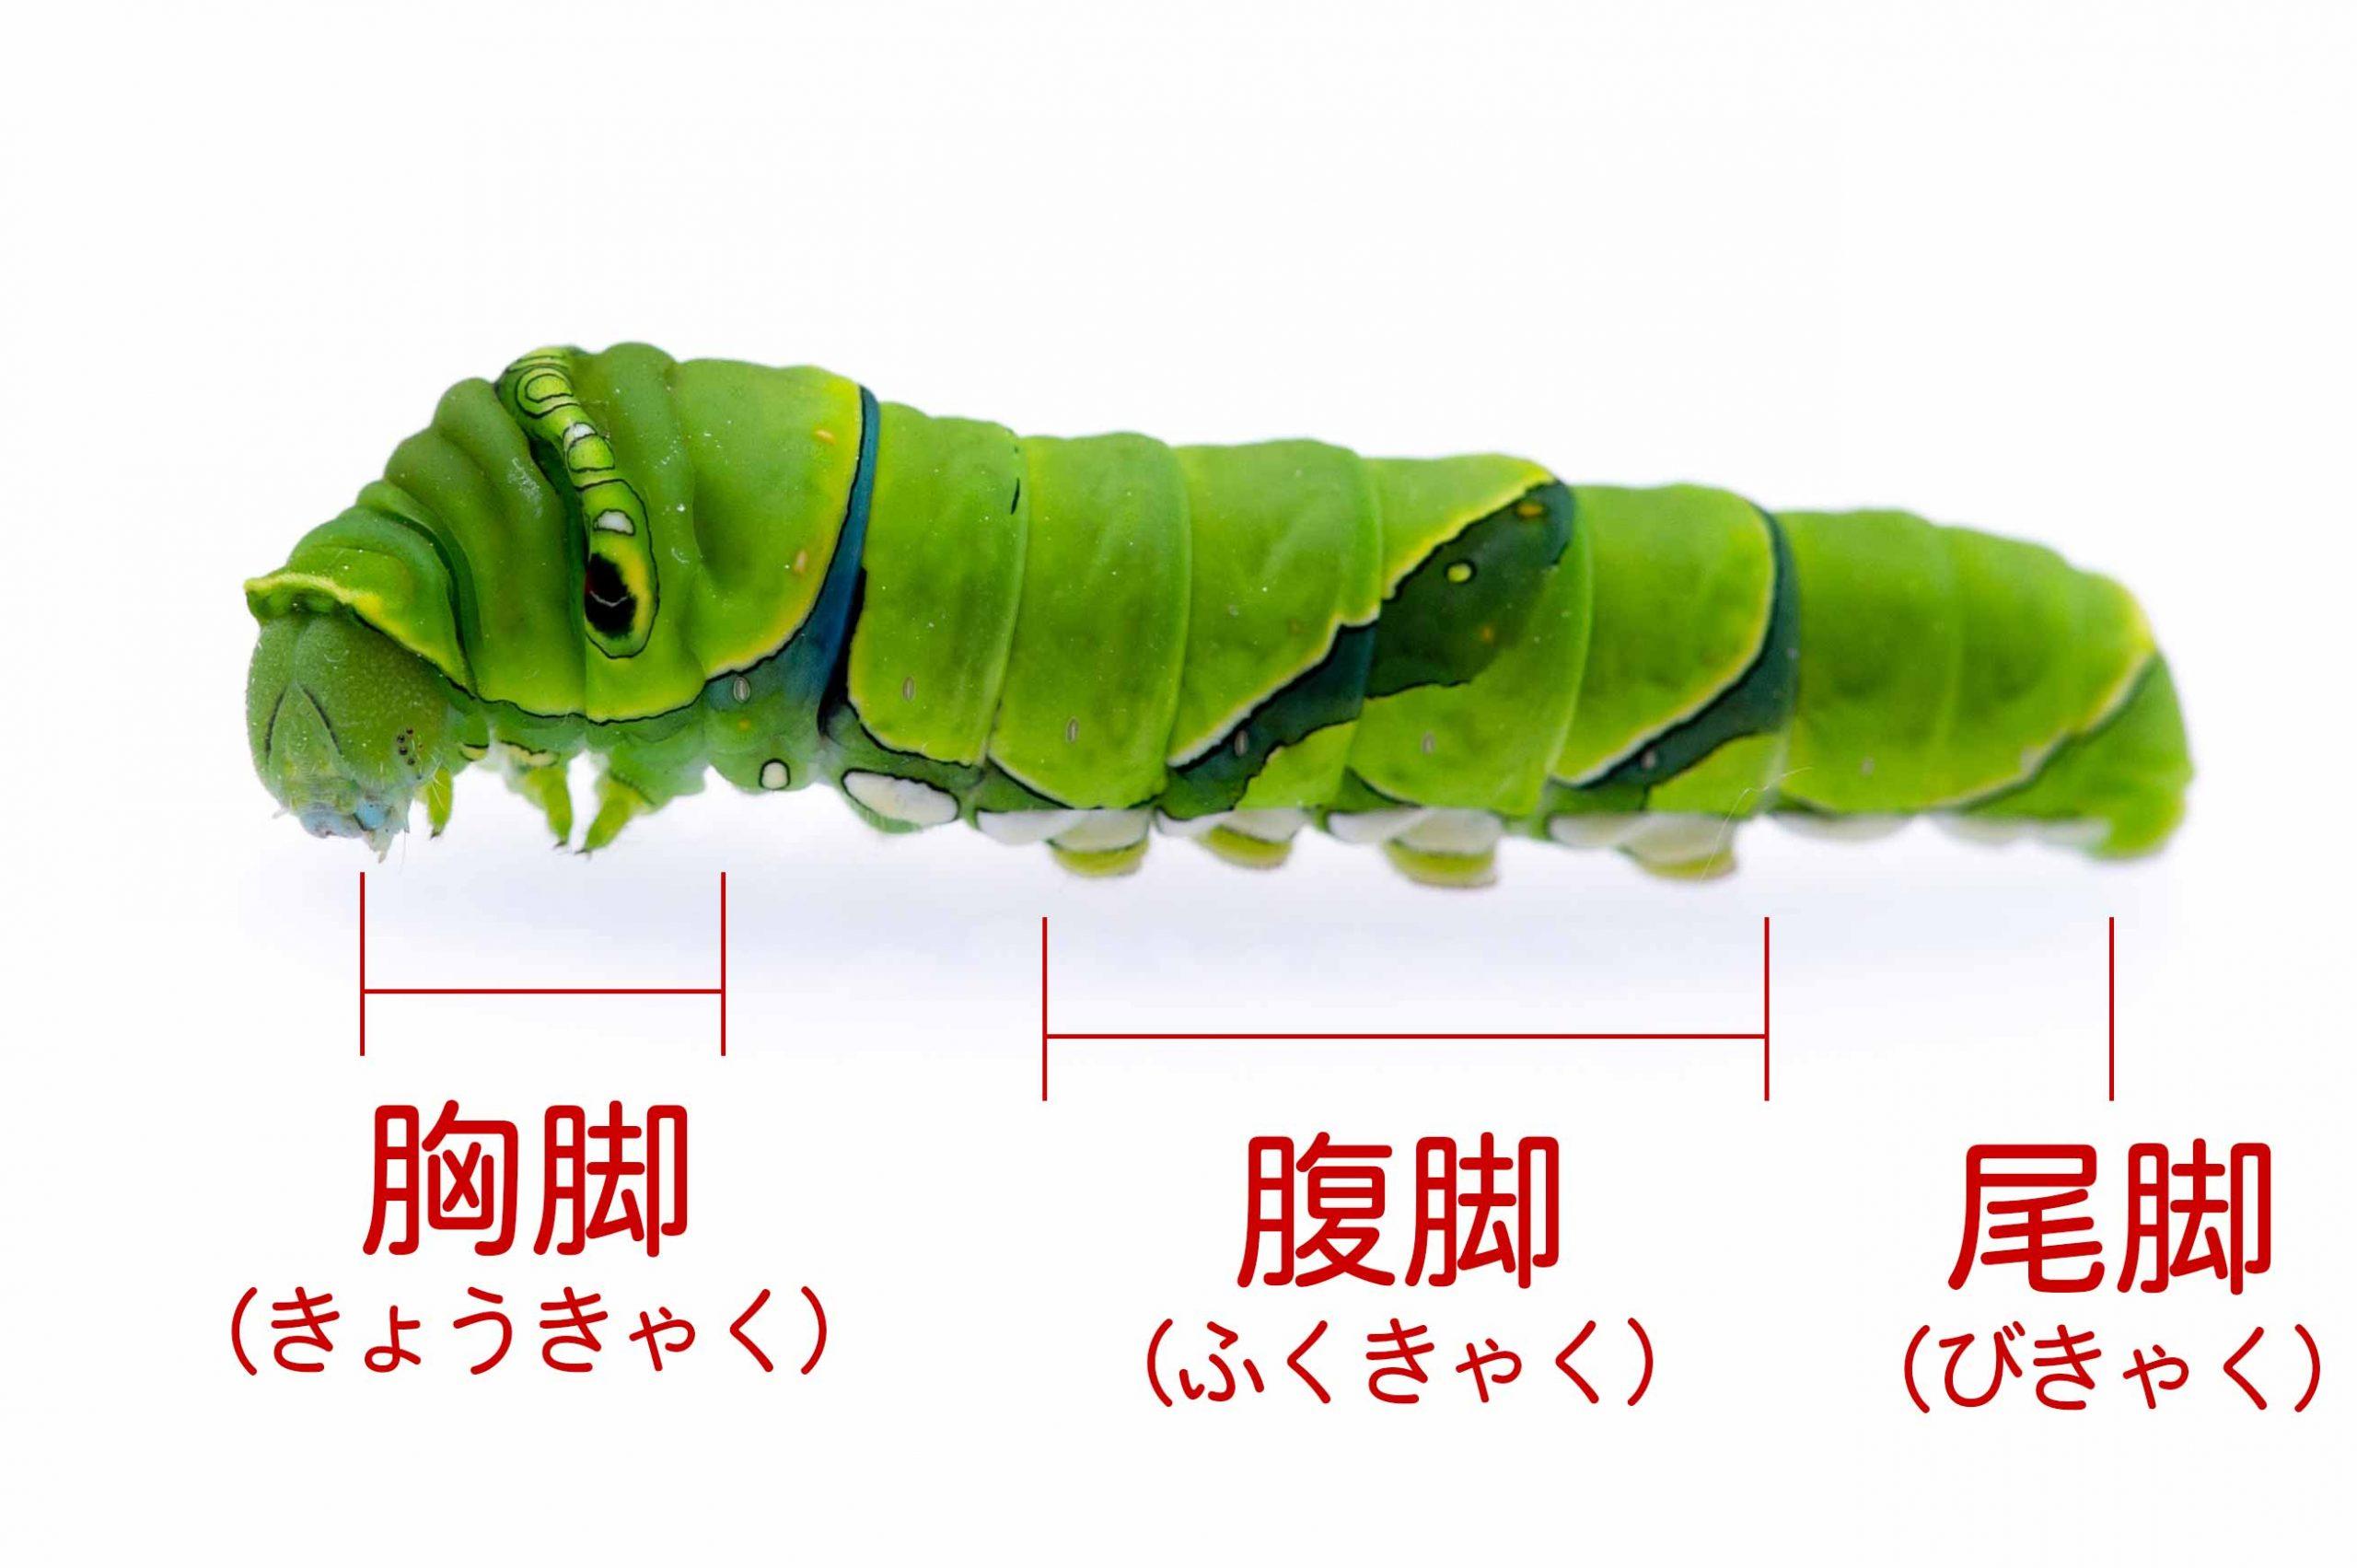 アゲハの幼虫、胸脚、腹脚、尾脚の画像